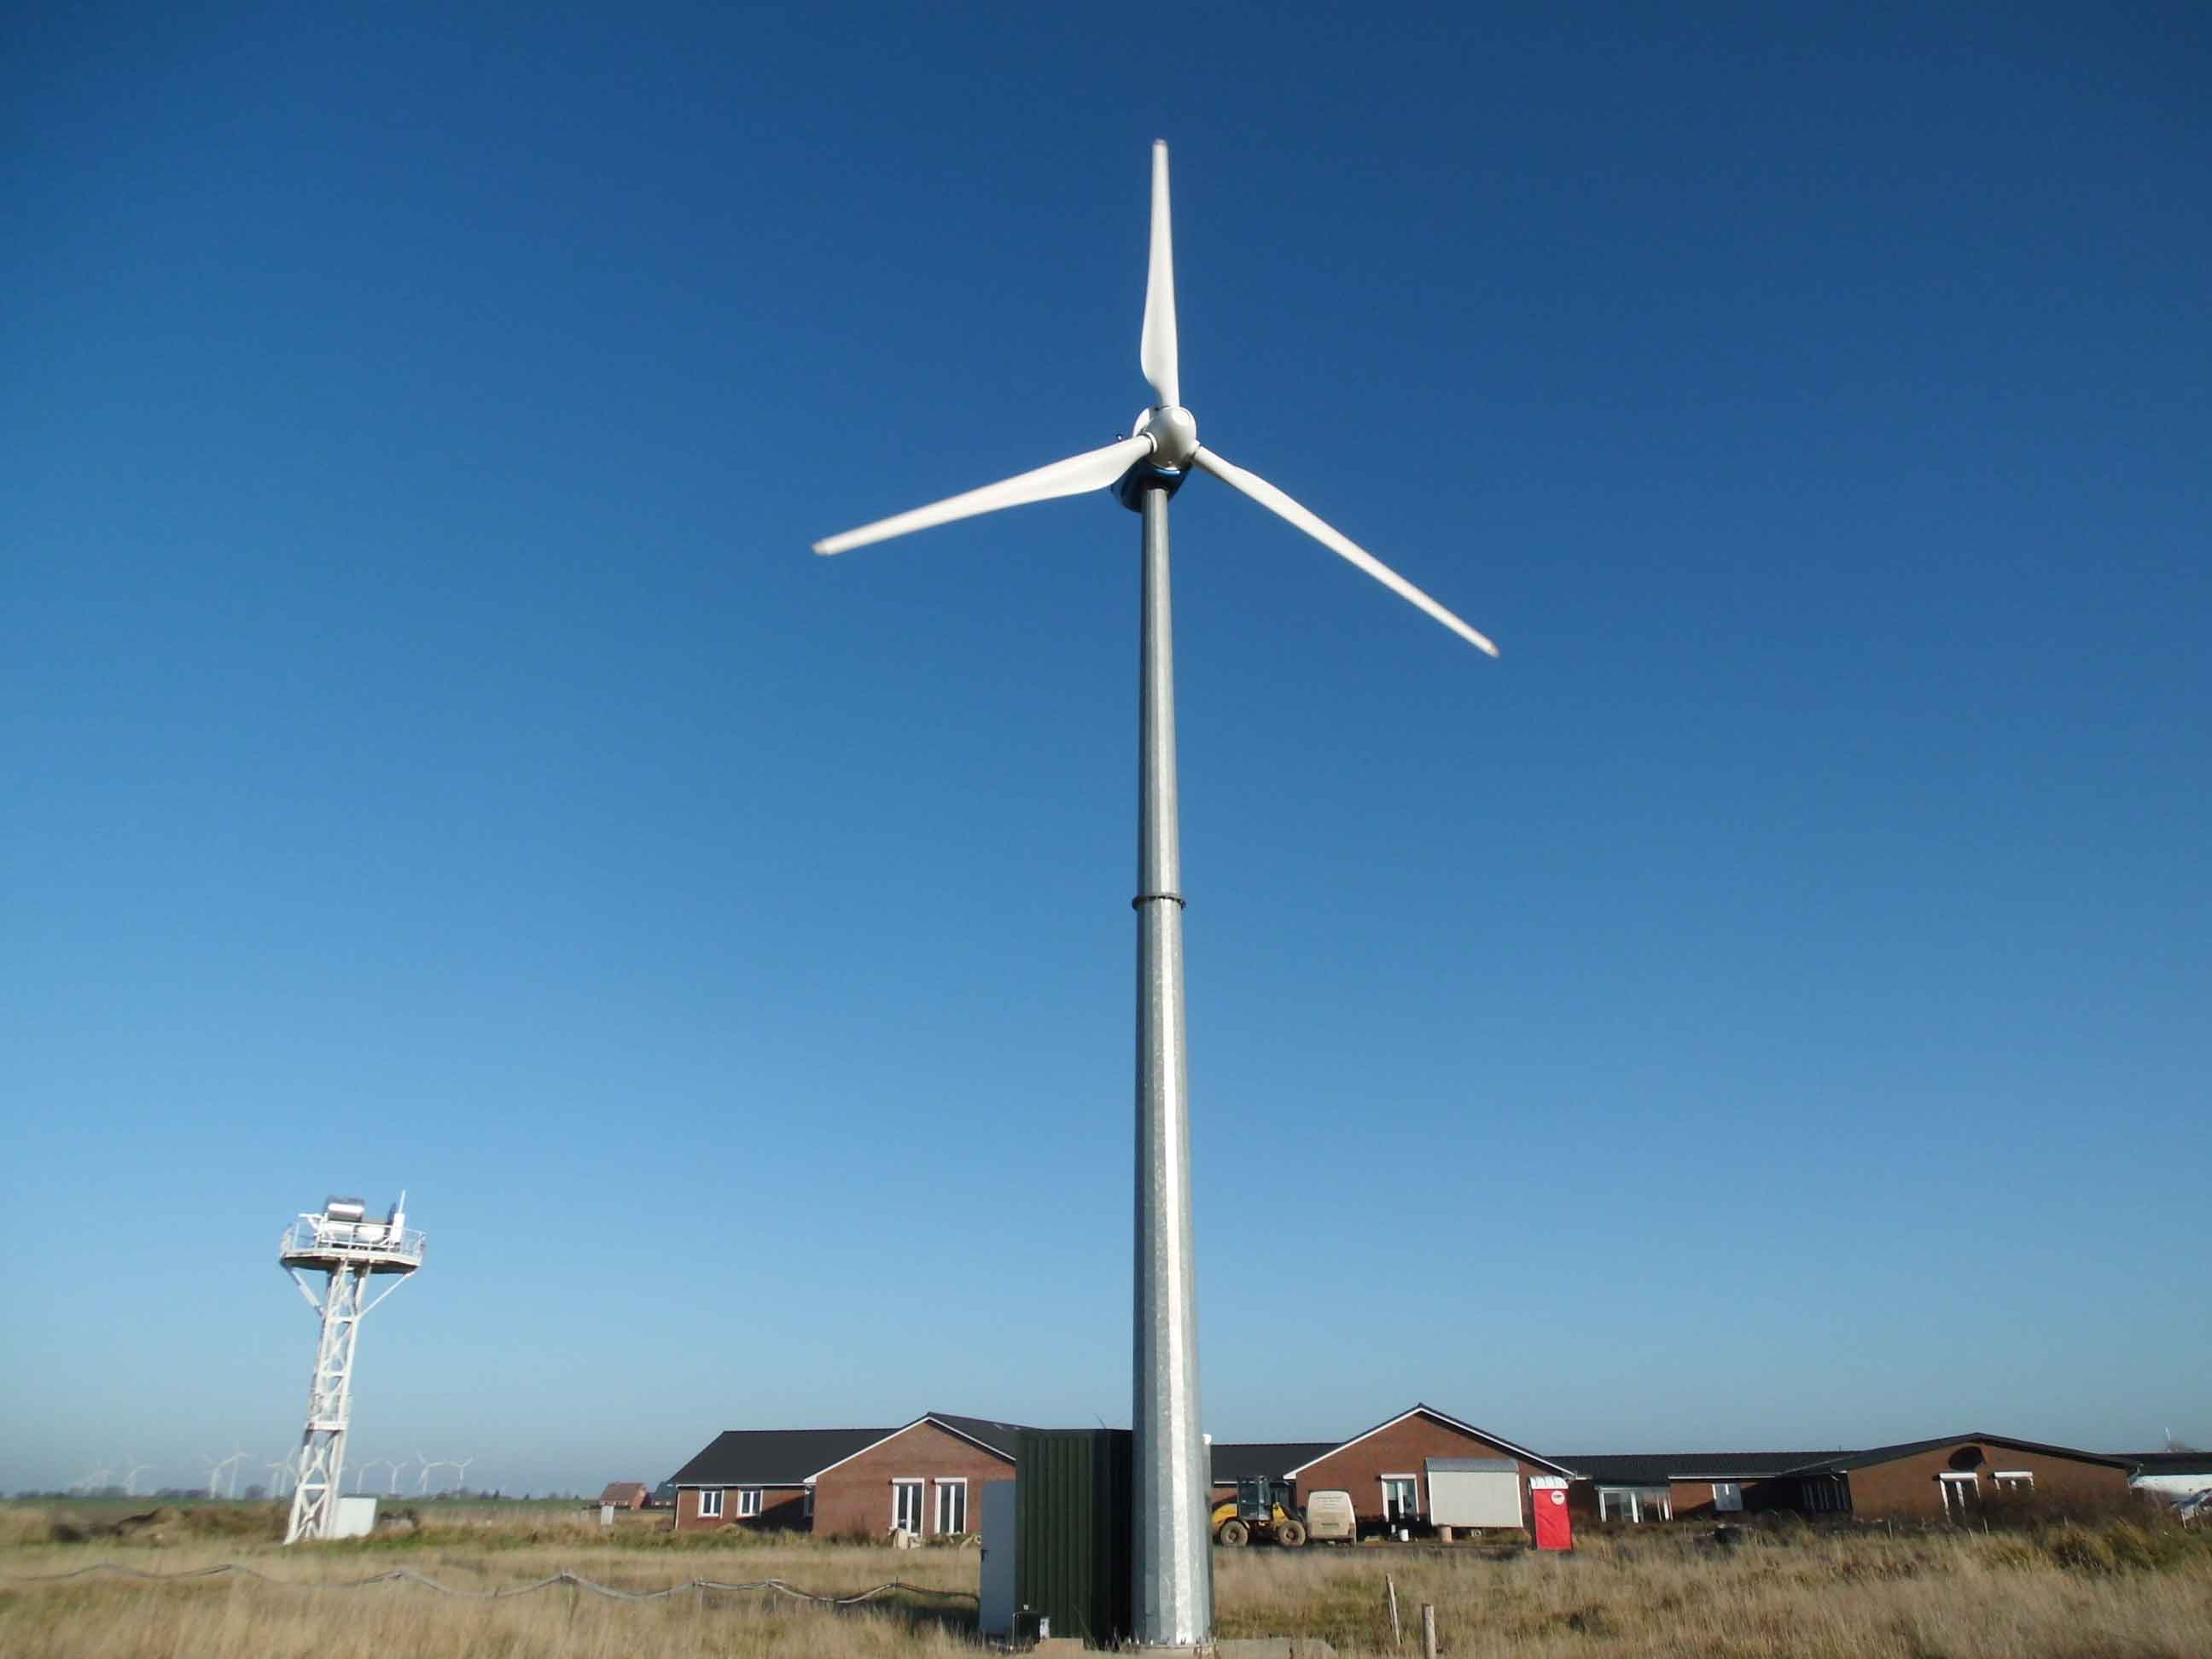 kleine windkraftanlagen windr der windenergieanlage 10 kw 20 kw 30 kw 50 kw 60 kw. Black Bedroom Furniture Sets. Home Design Ideas